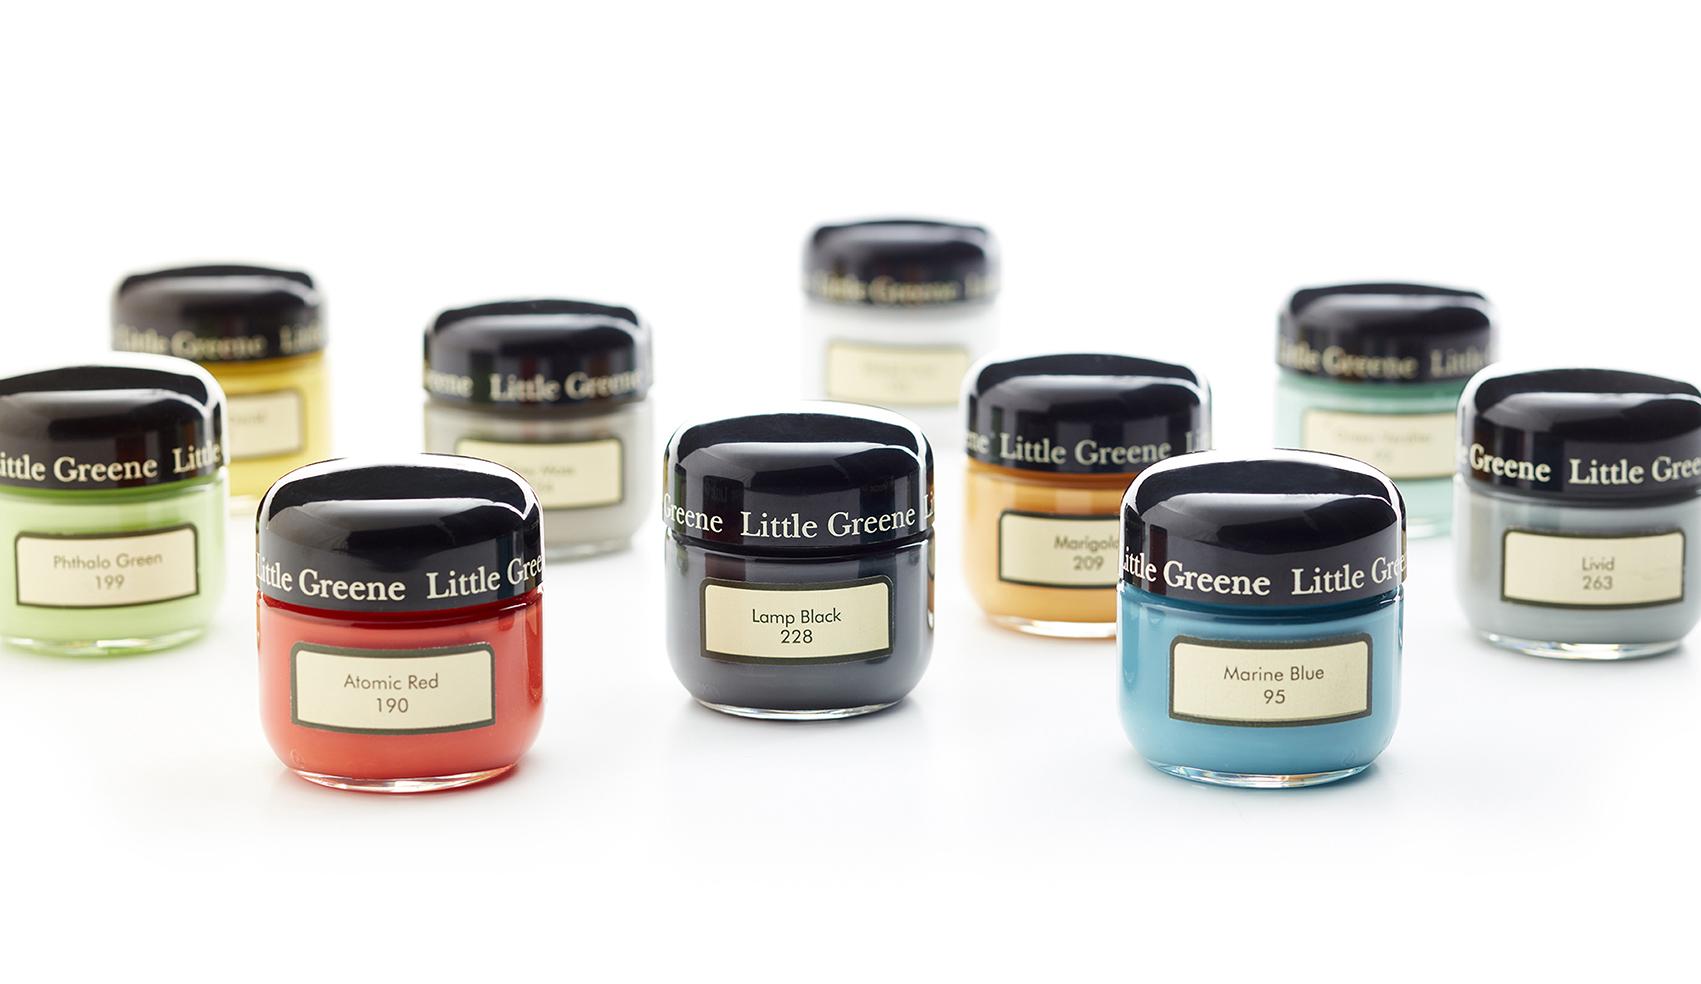 Utiliser des pots échantillons de peintures pour choisir une couleur tendance pour votre salle de bains.